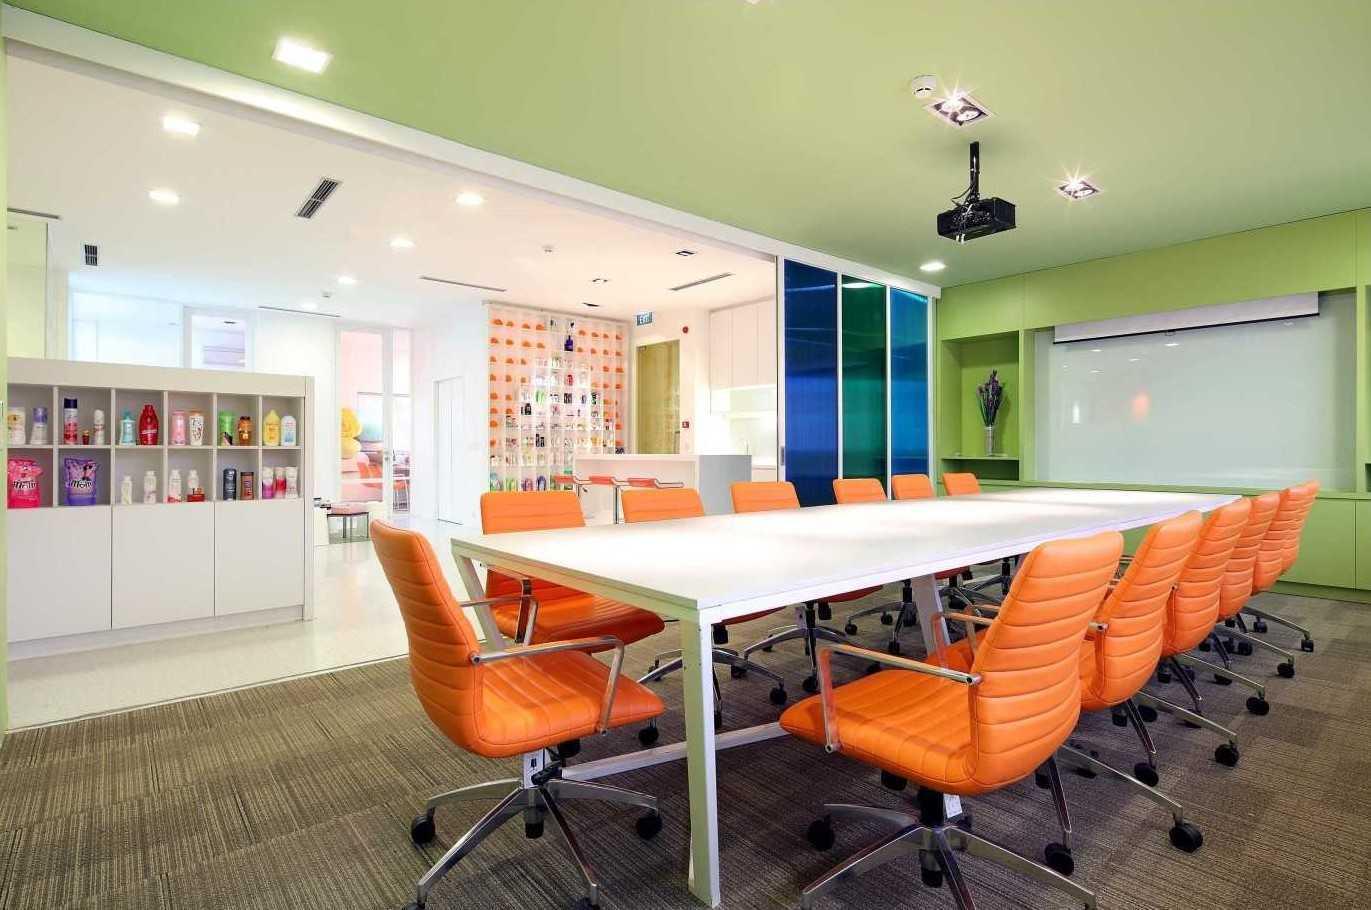 Foto inspirasi ide desain ruang meeting minimalis 3 oleh Atelier Cosmas Gozali di Arsitag